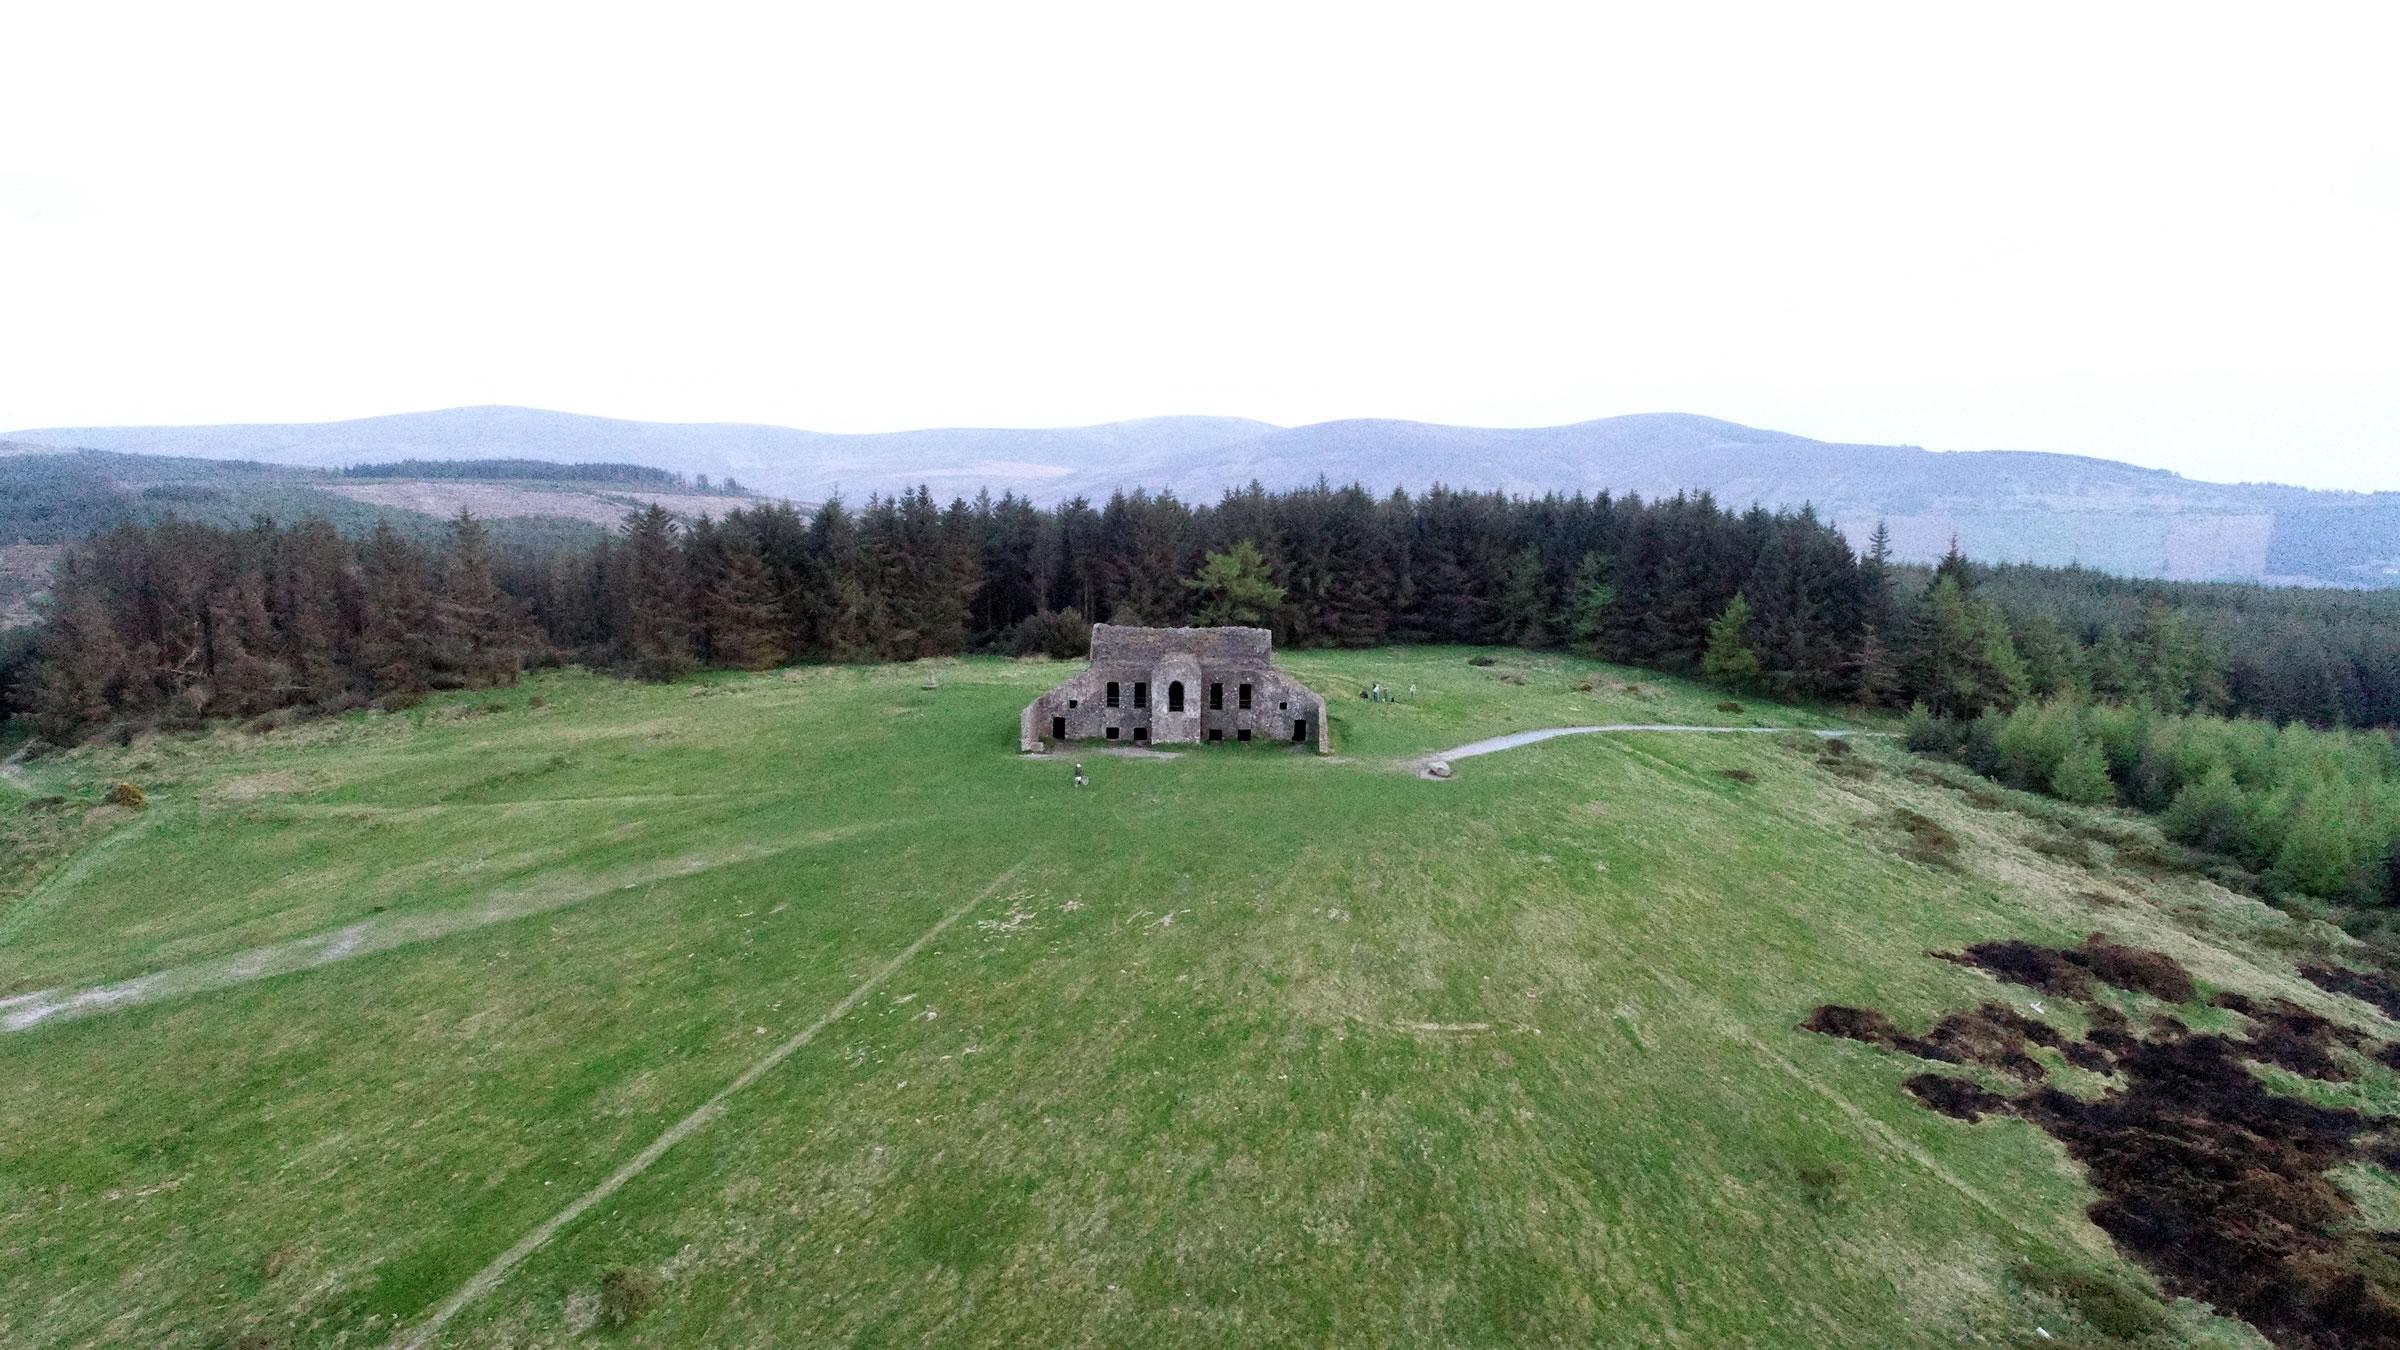 Drone Photo Playlist